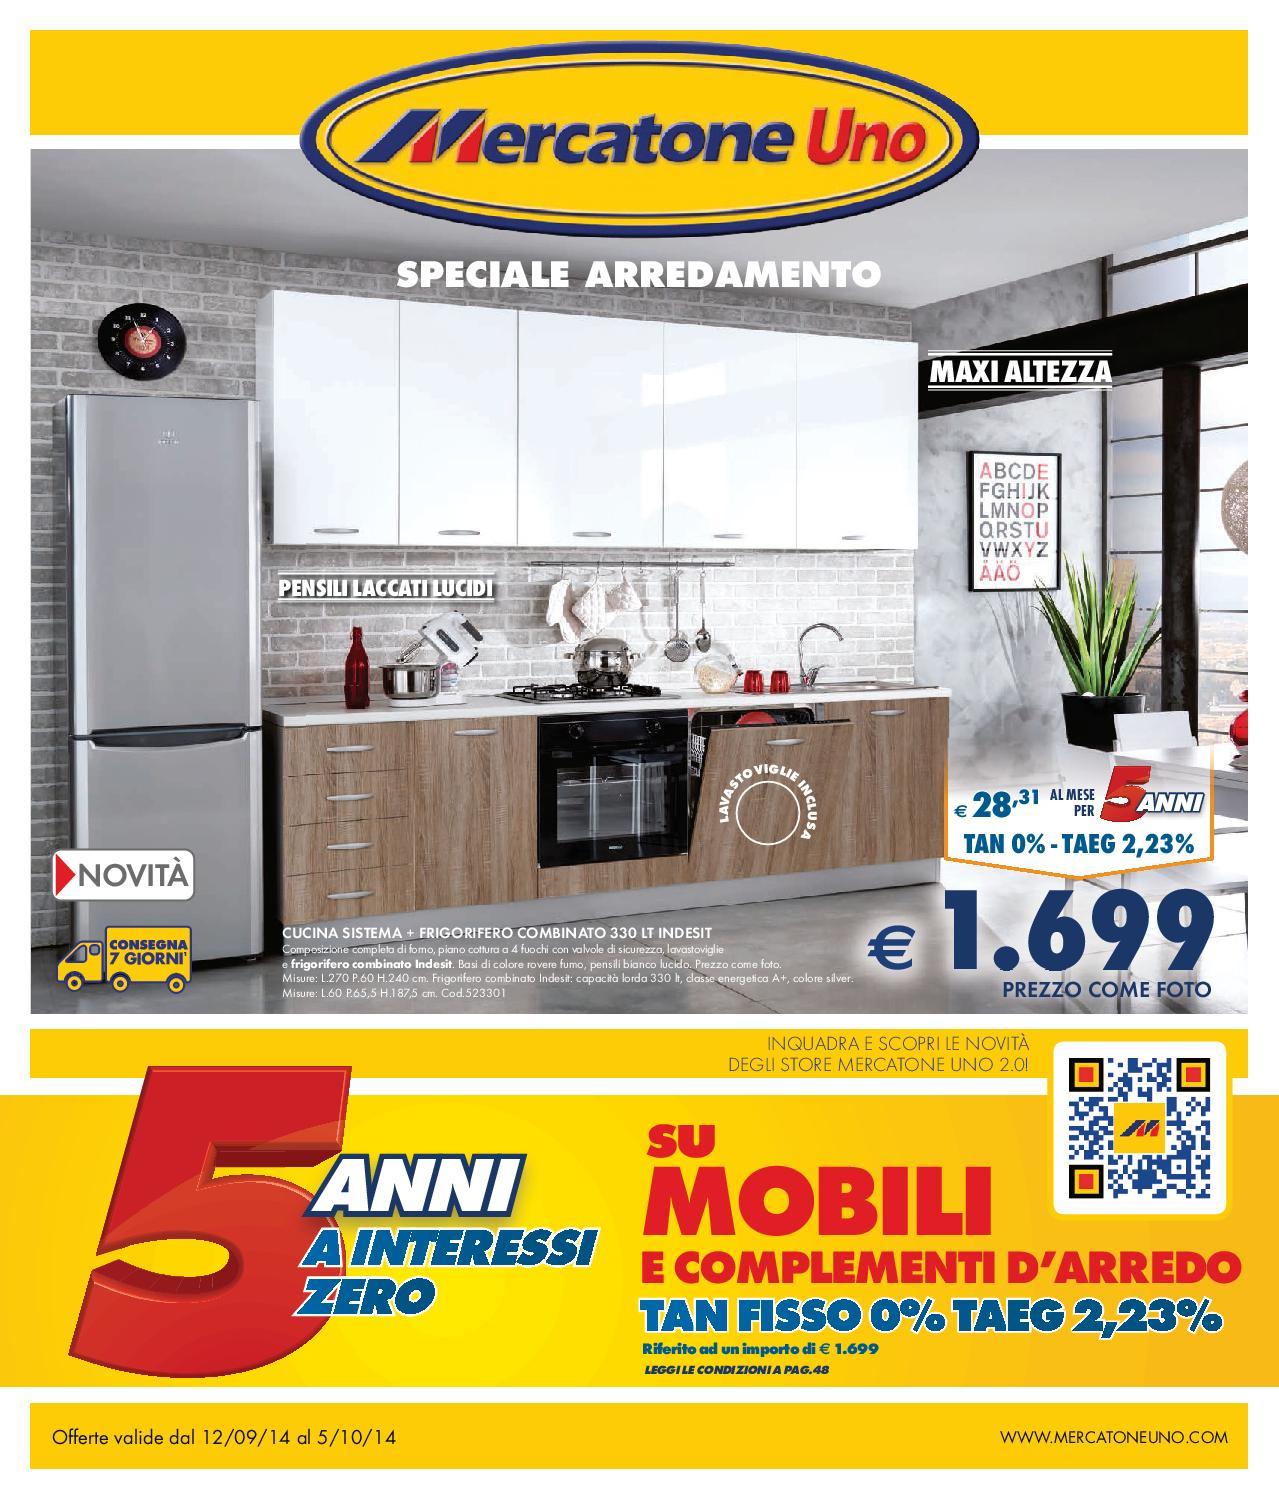 Mercatoneuno 5ott by volavolantino - issuu